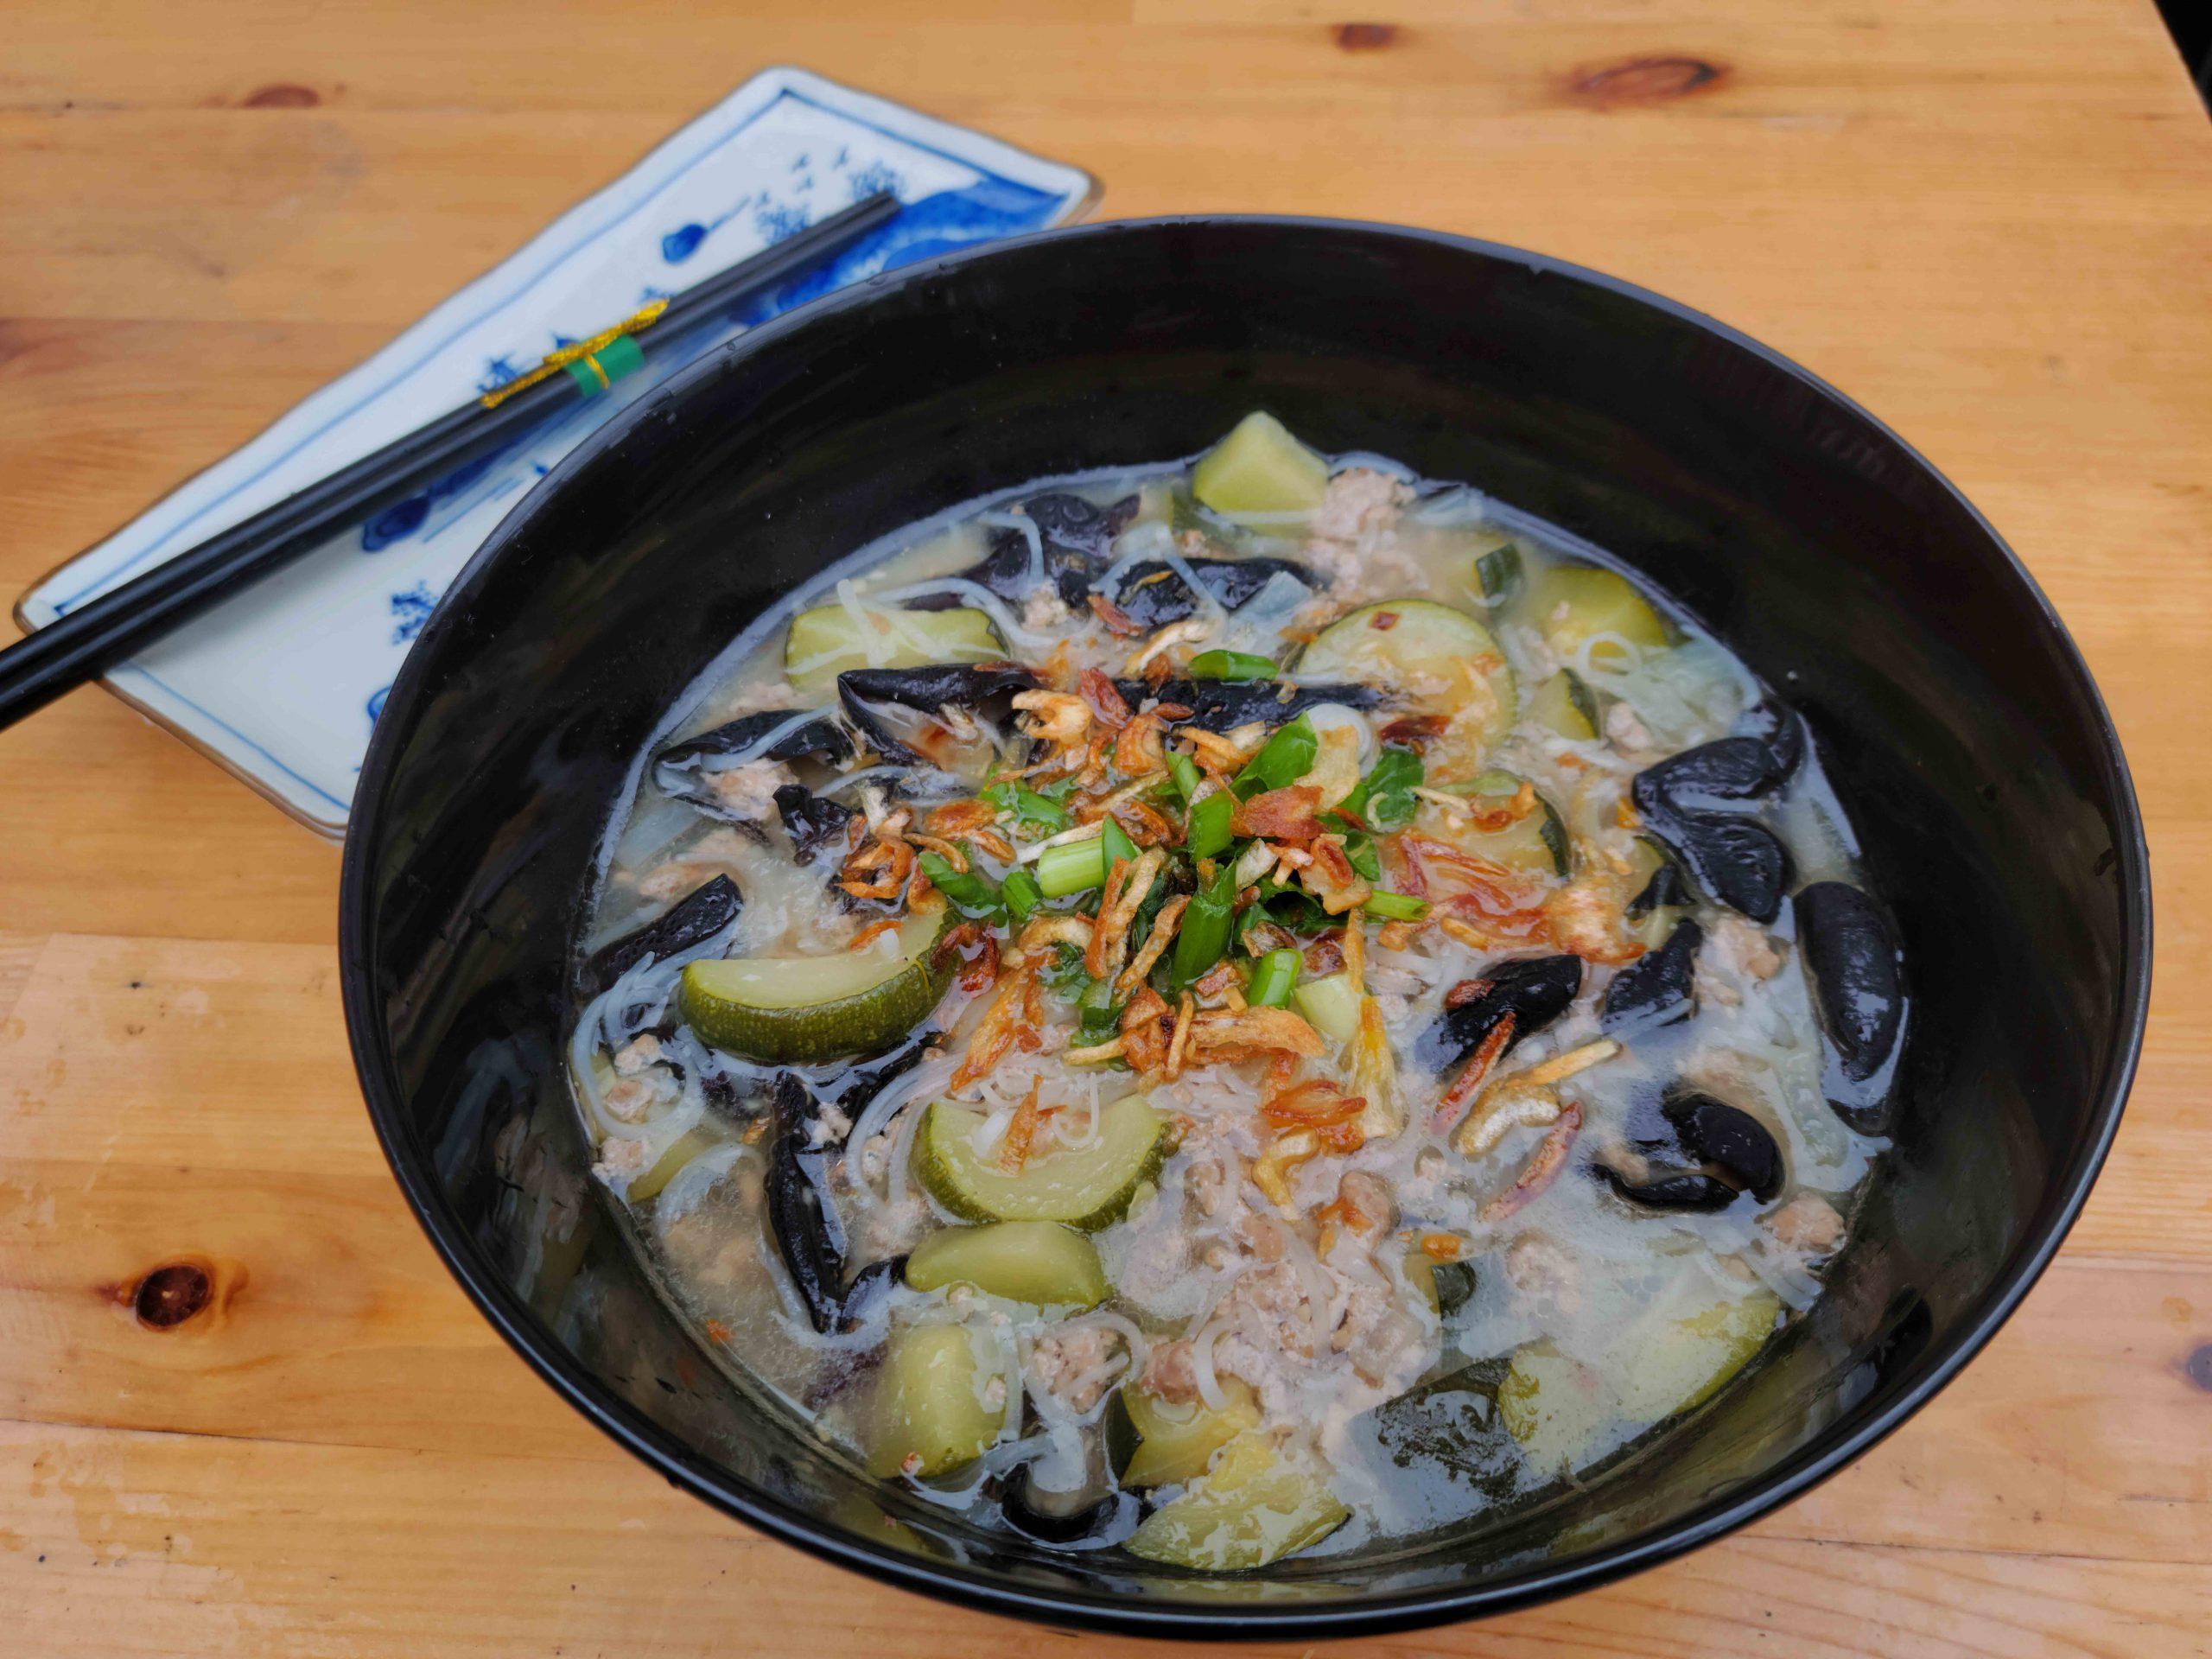 Soupe-repas au porc et zucchinis à la vietnamienne